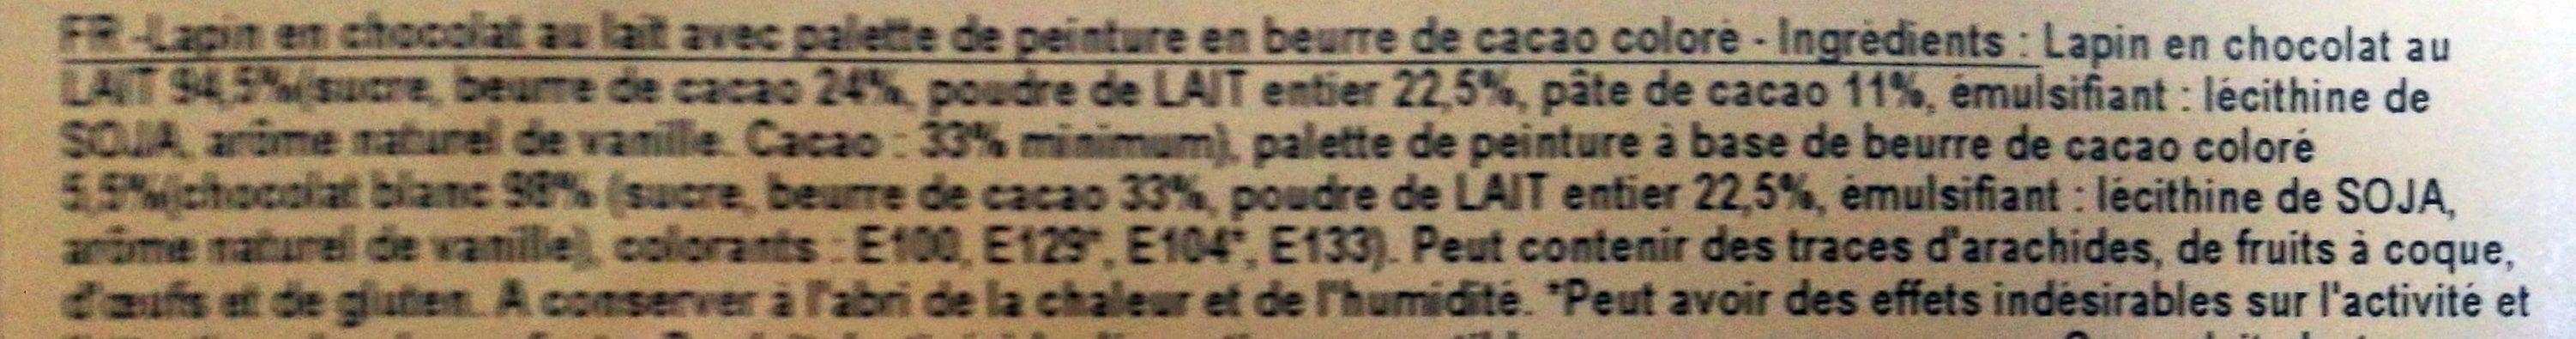 Lapinou à Peindre - Ingrédients